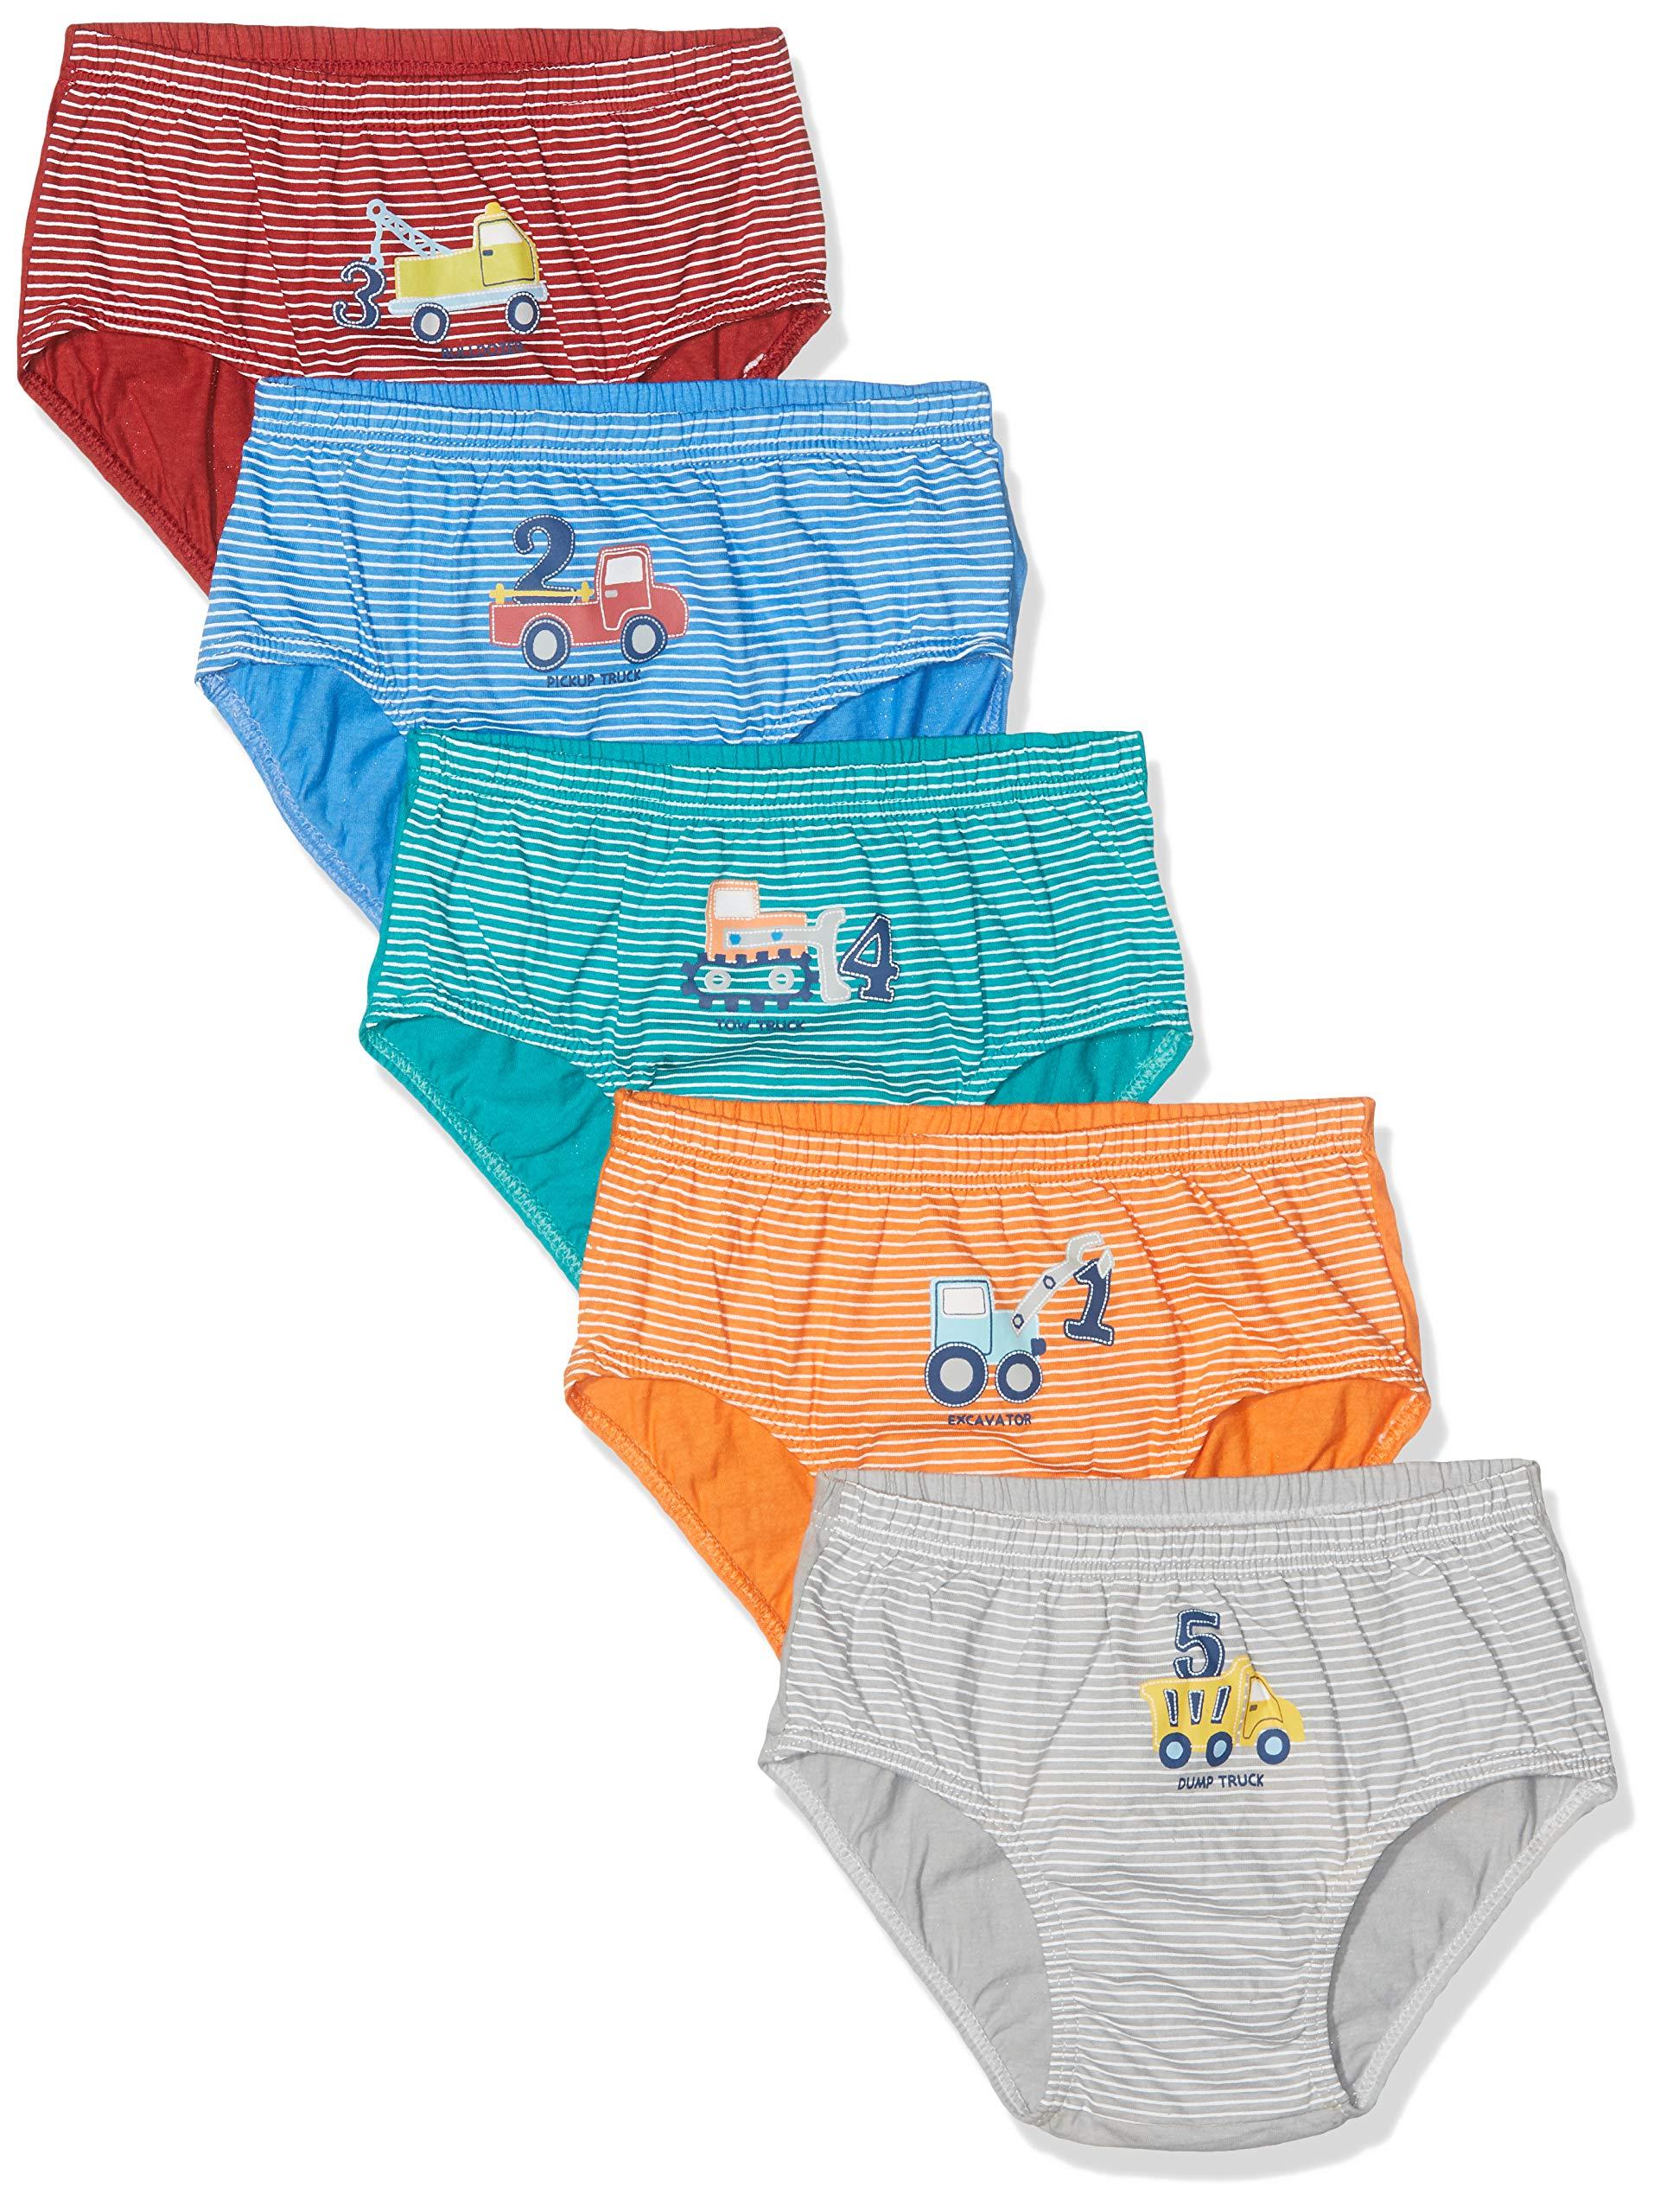 12 Pack Boys 100/% Cotton Plain Briefs Kids Underwear